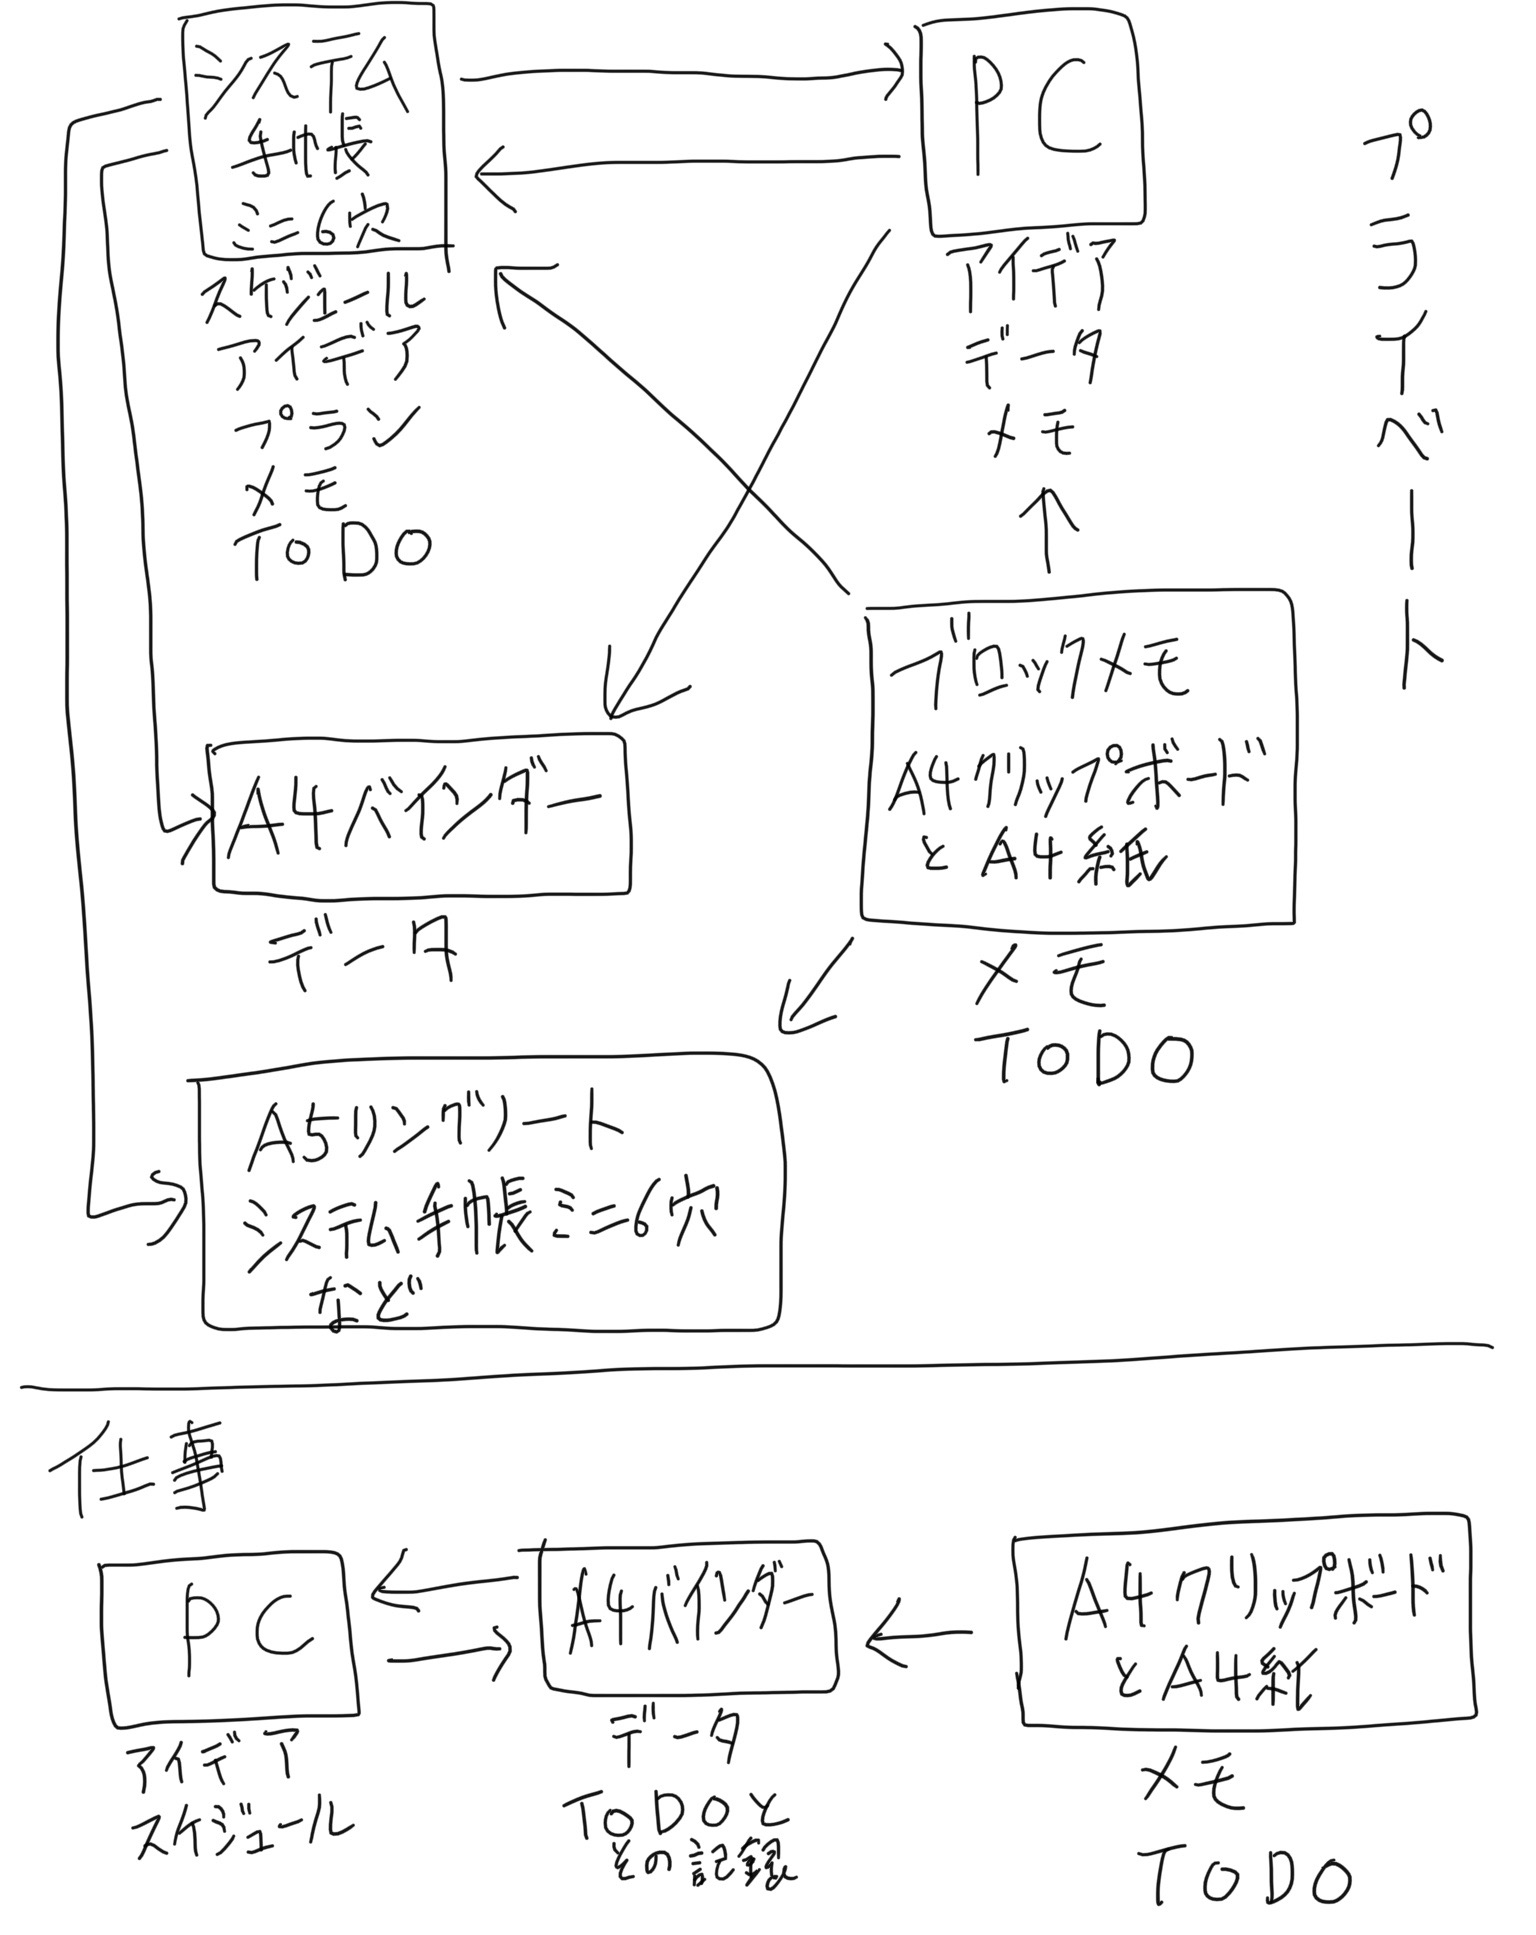 情報つながり手帳&ノート構成マップ。2004年12月14日に紙に書いて画像化してやつを iPad + Apple Pencil で書き直し。 https://t.co/ddLAirZ25t